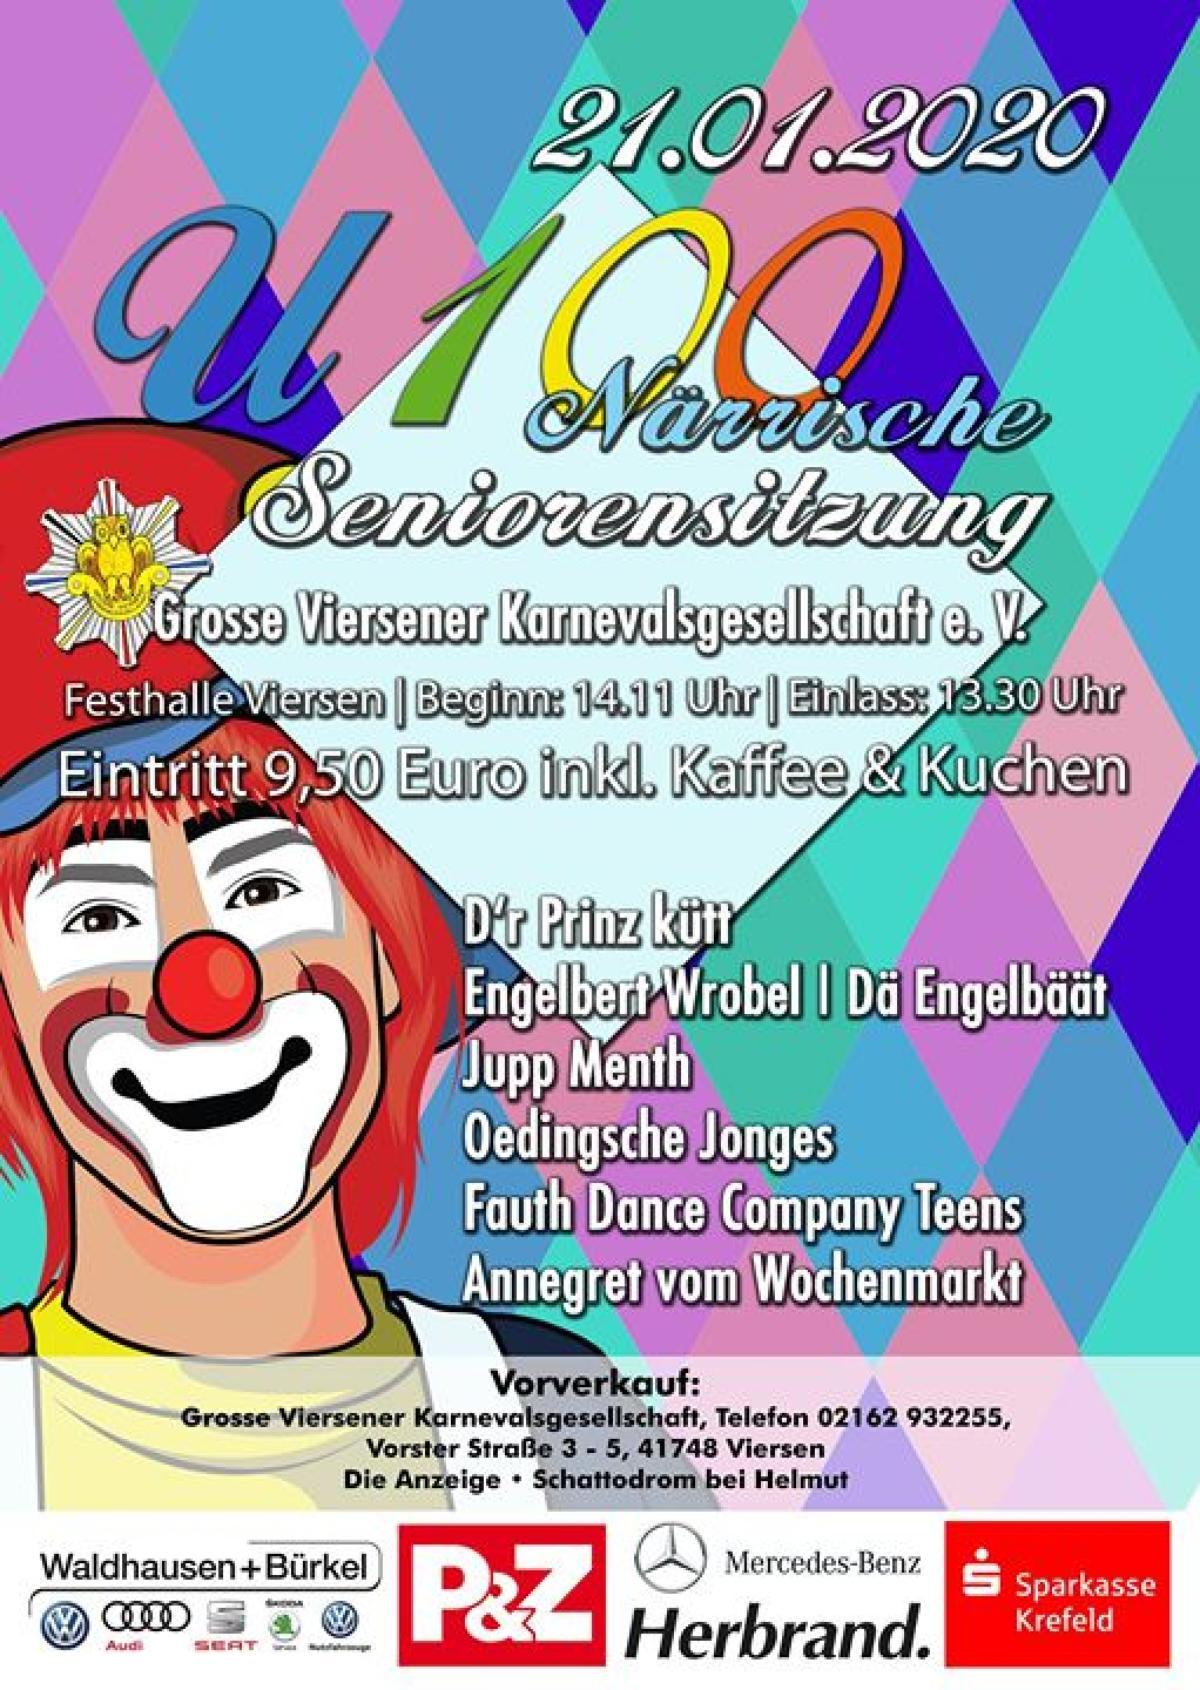 Veranstaltungsbild zu U100 - Närrische Seniorensitzung